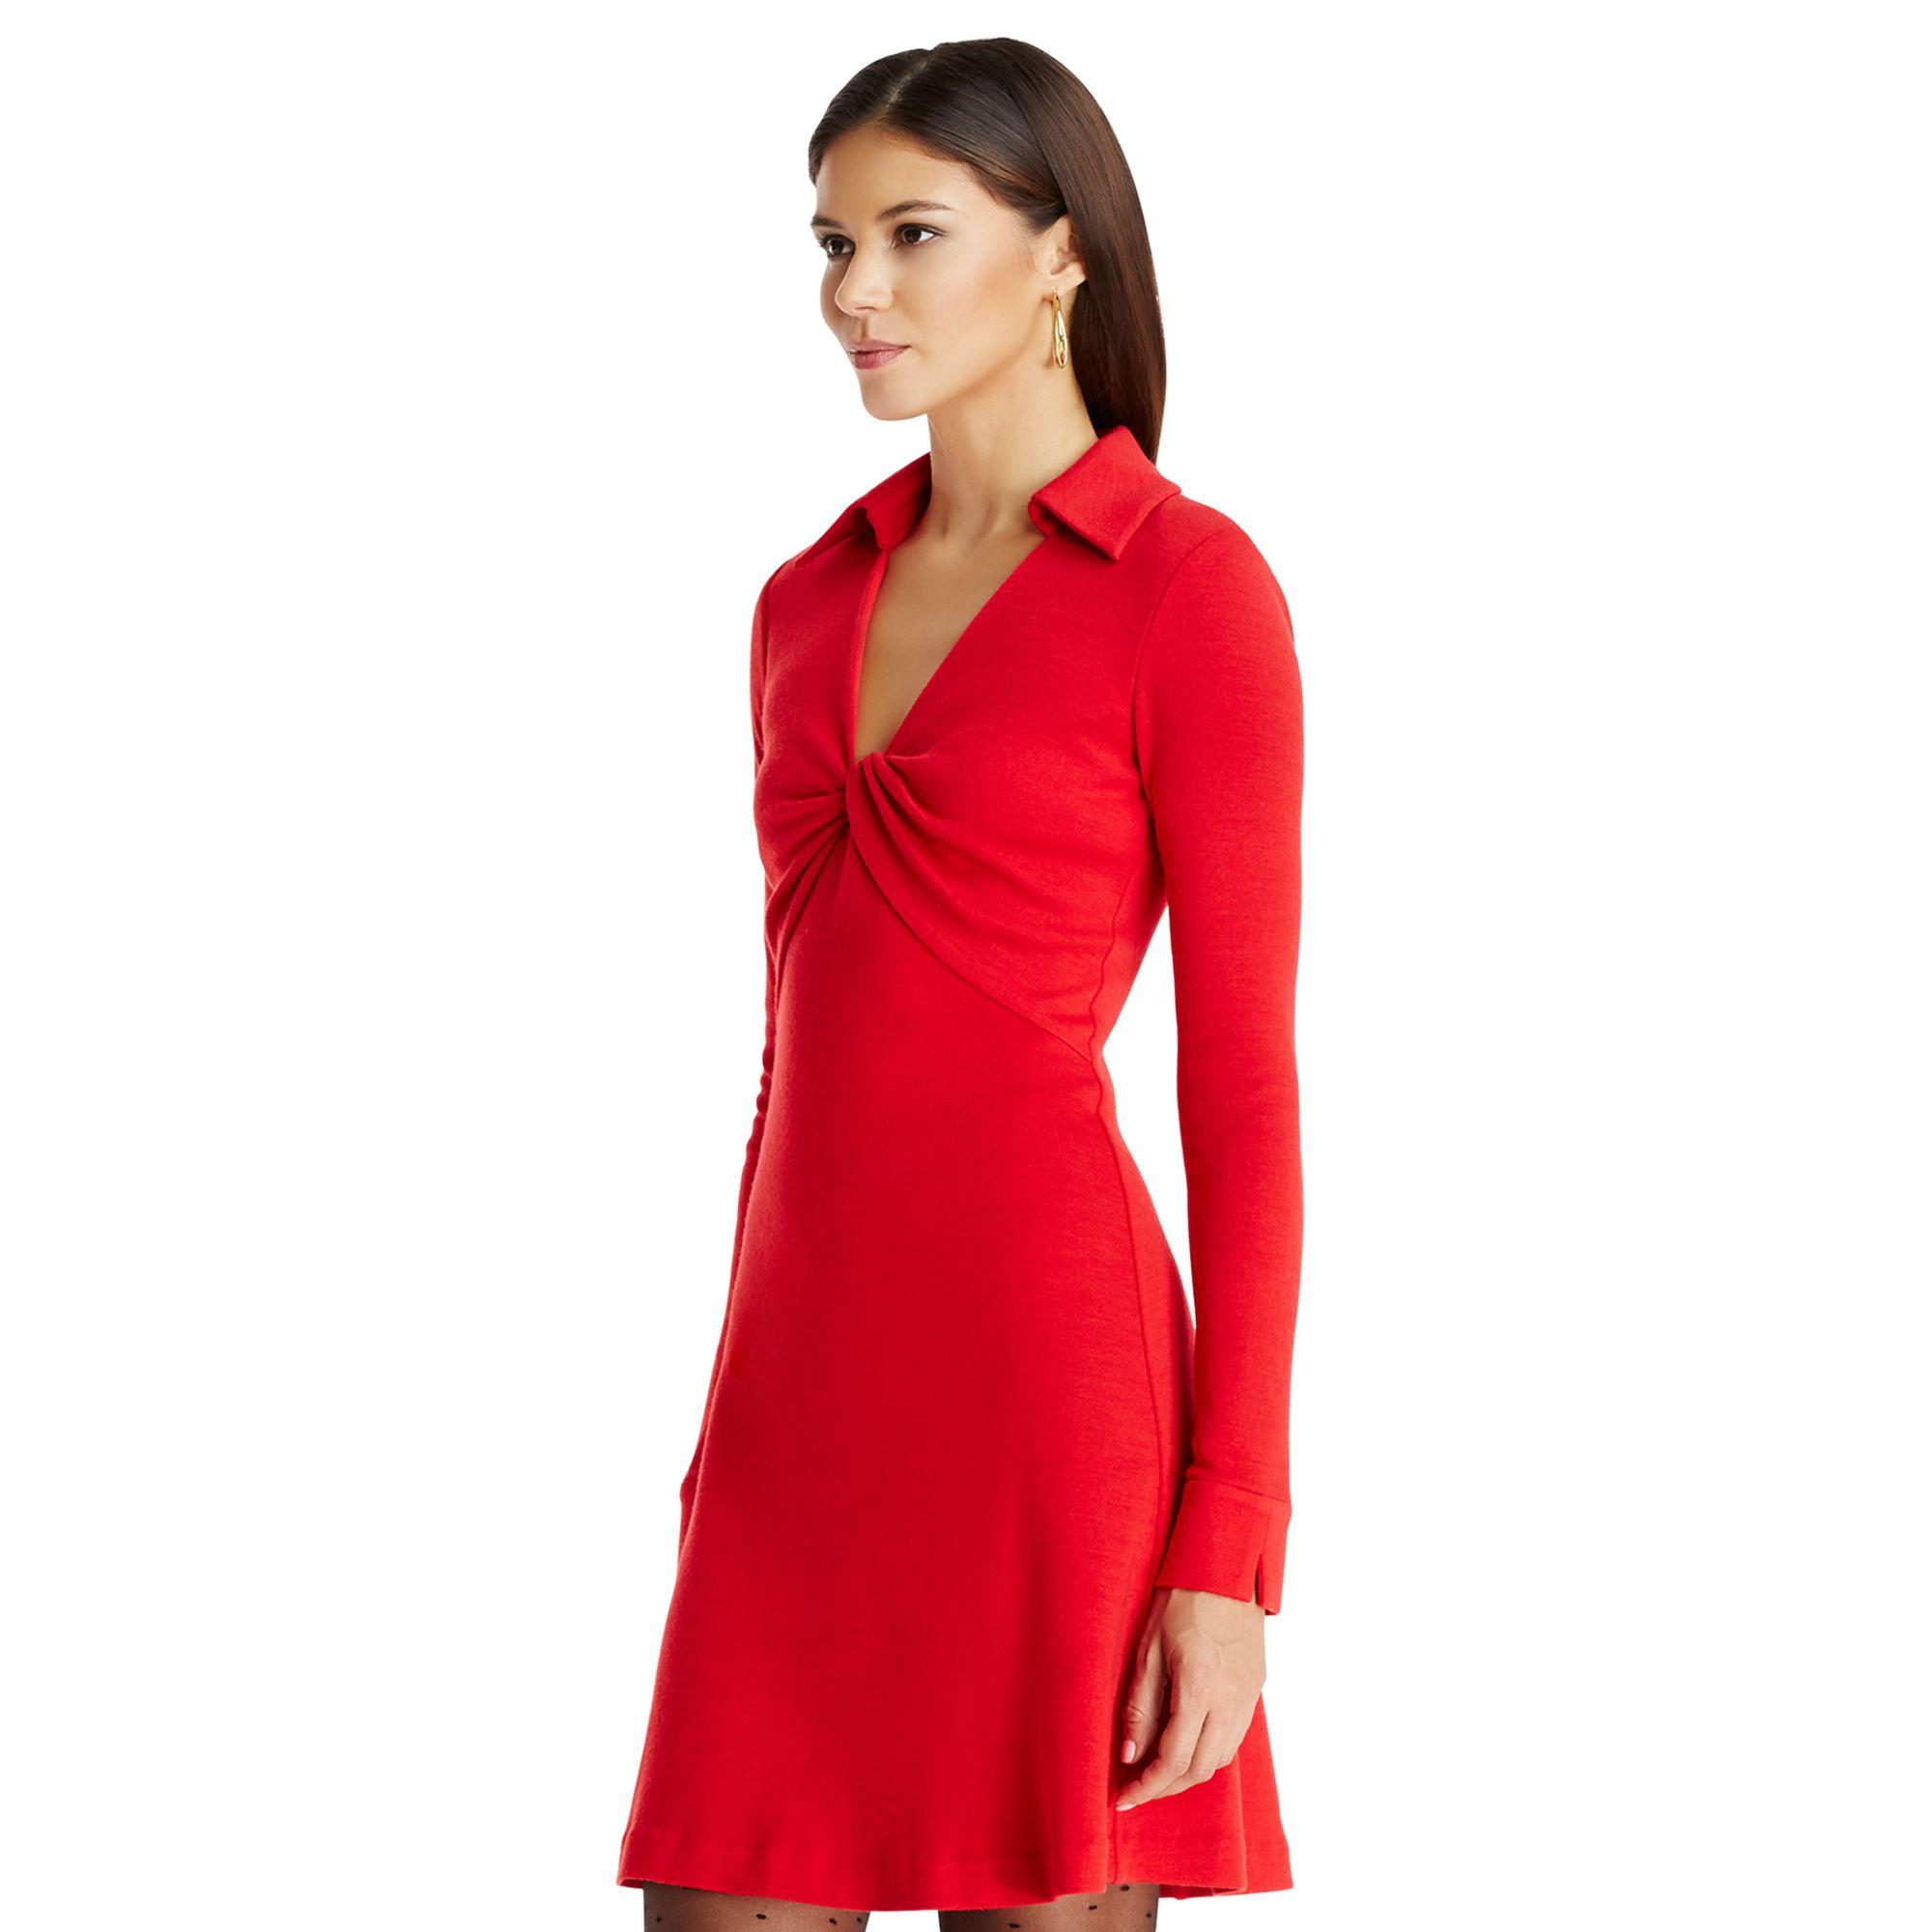 lyst diane von furstenberg dvf twist wool shirtdress in red. Black Bedroom Furniture Sets. Home Design Ideas